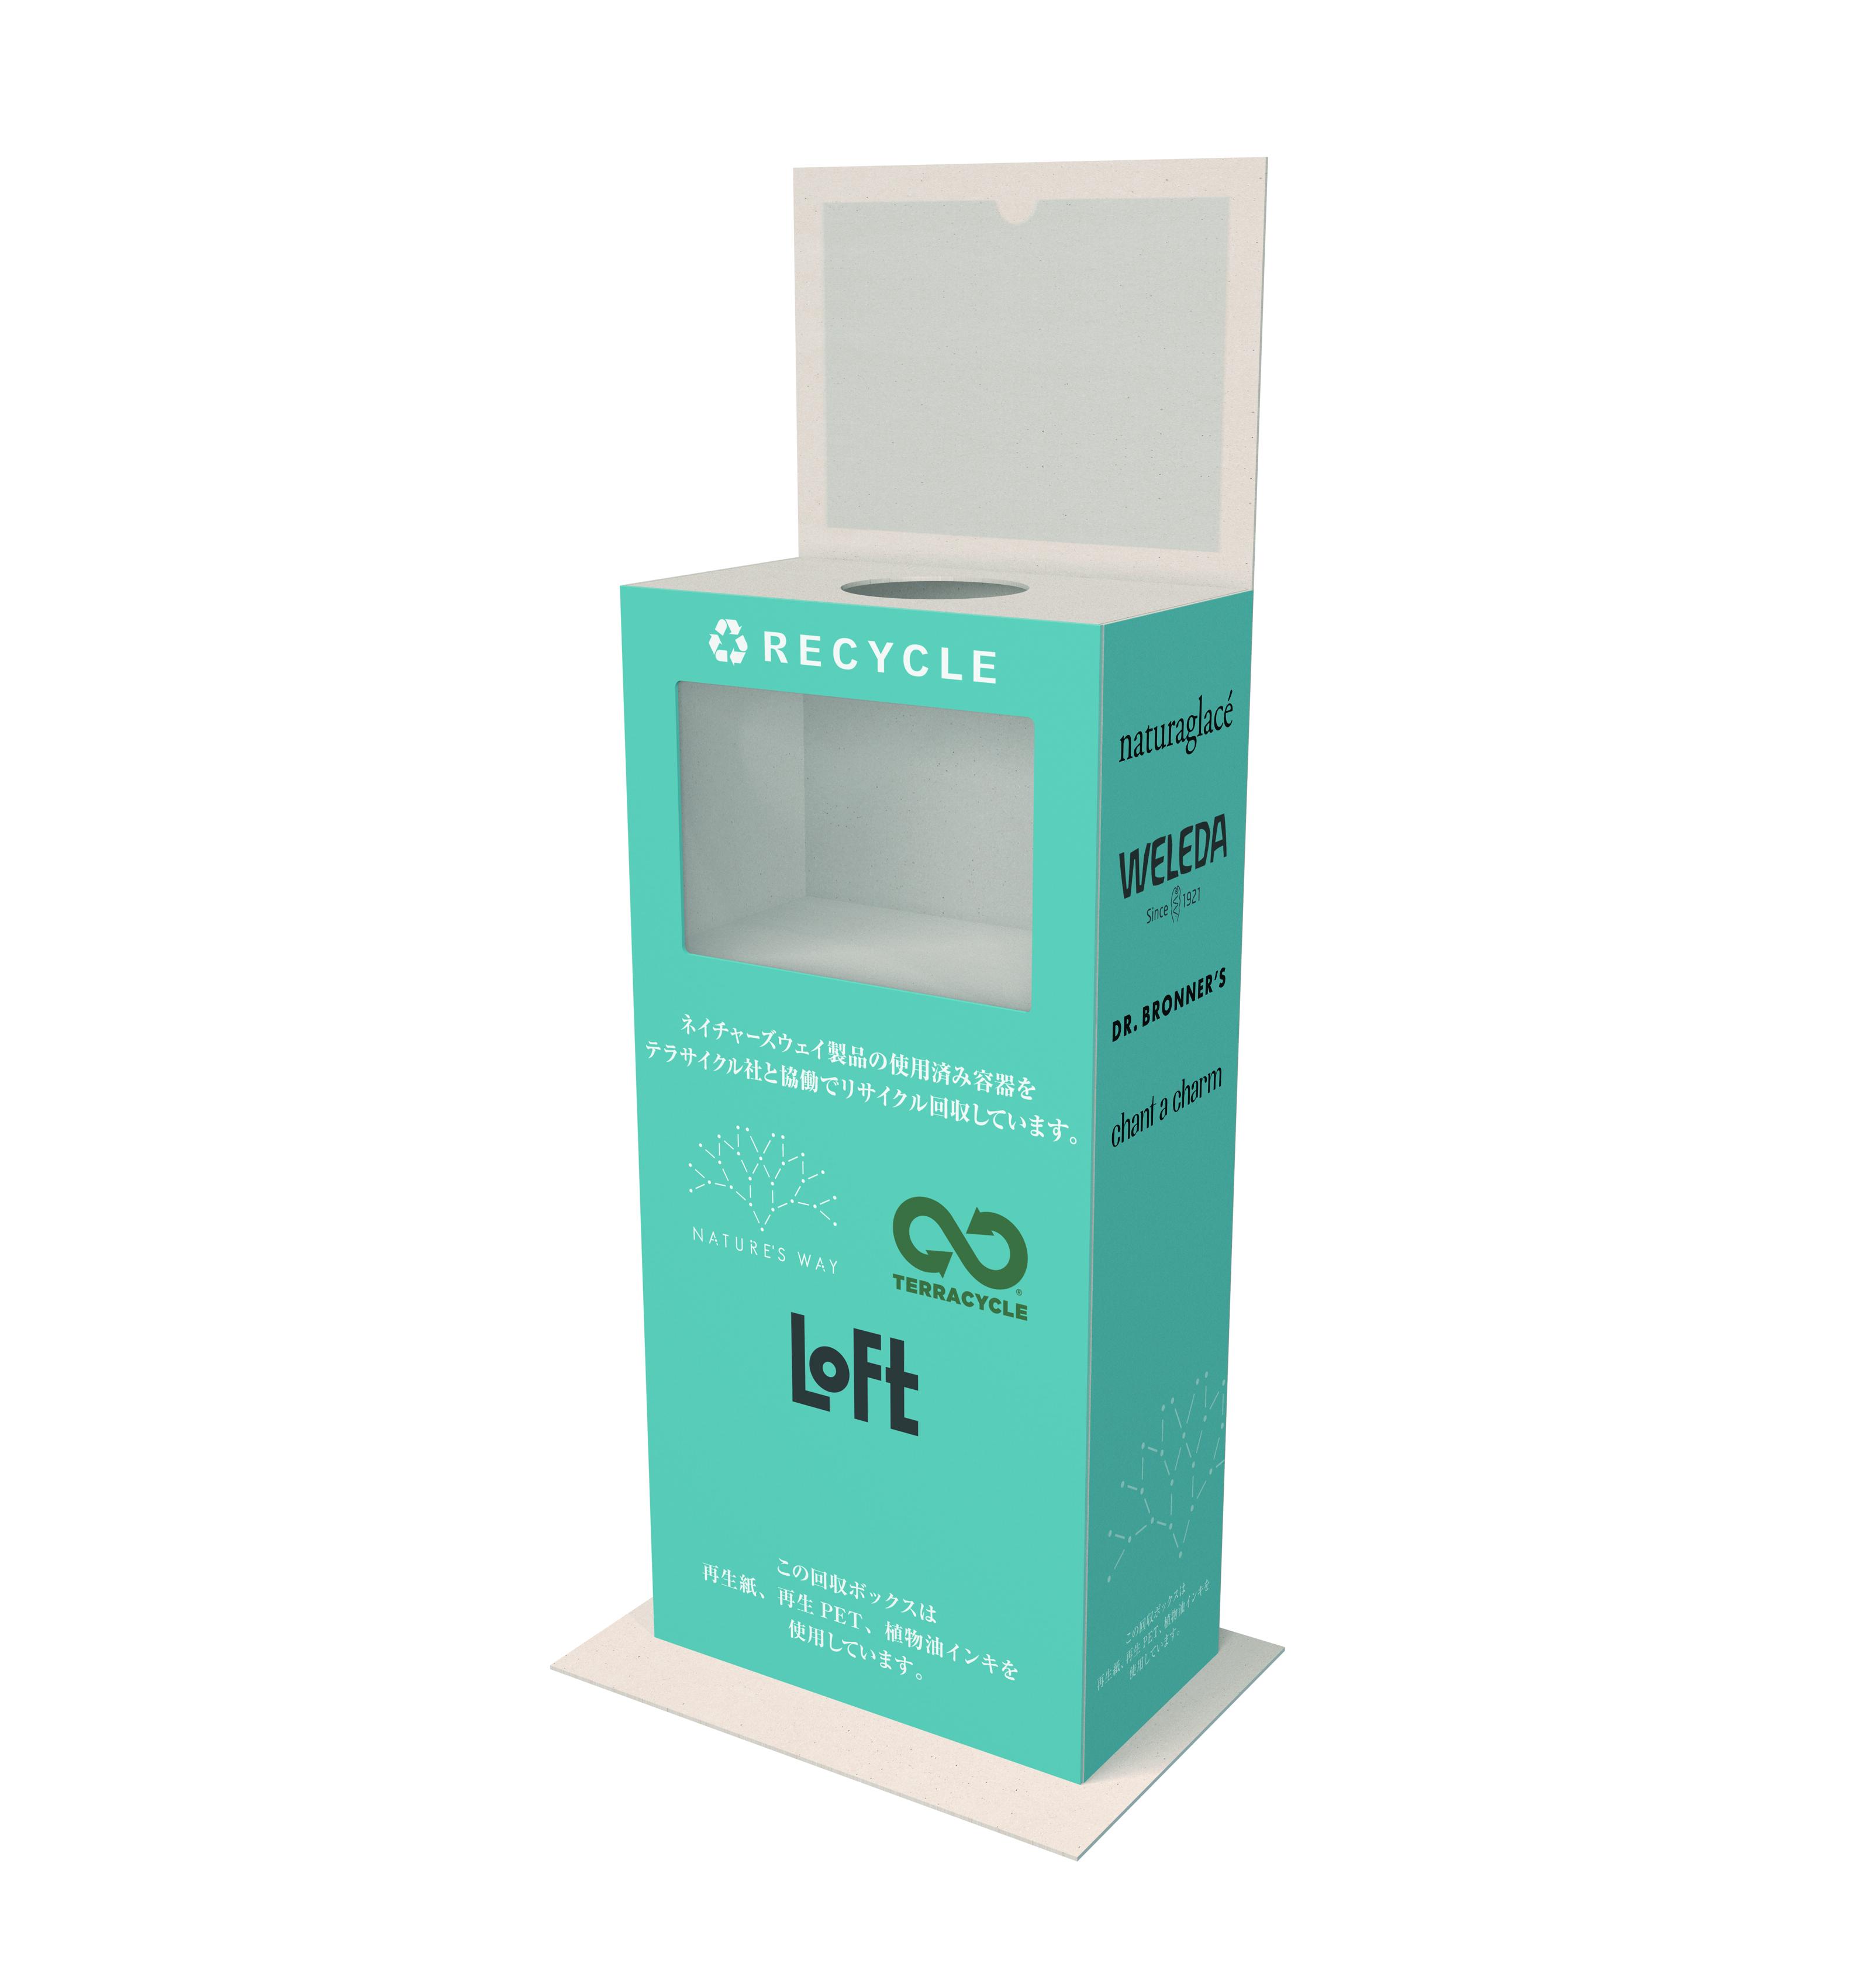 全国のロフト30店舗にてネイチャーズウェイグループの使用済み化粧品容器回収を開始